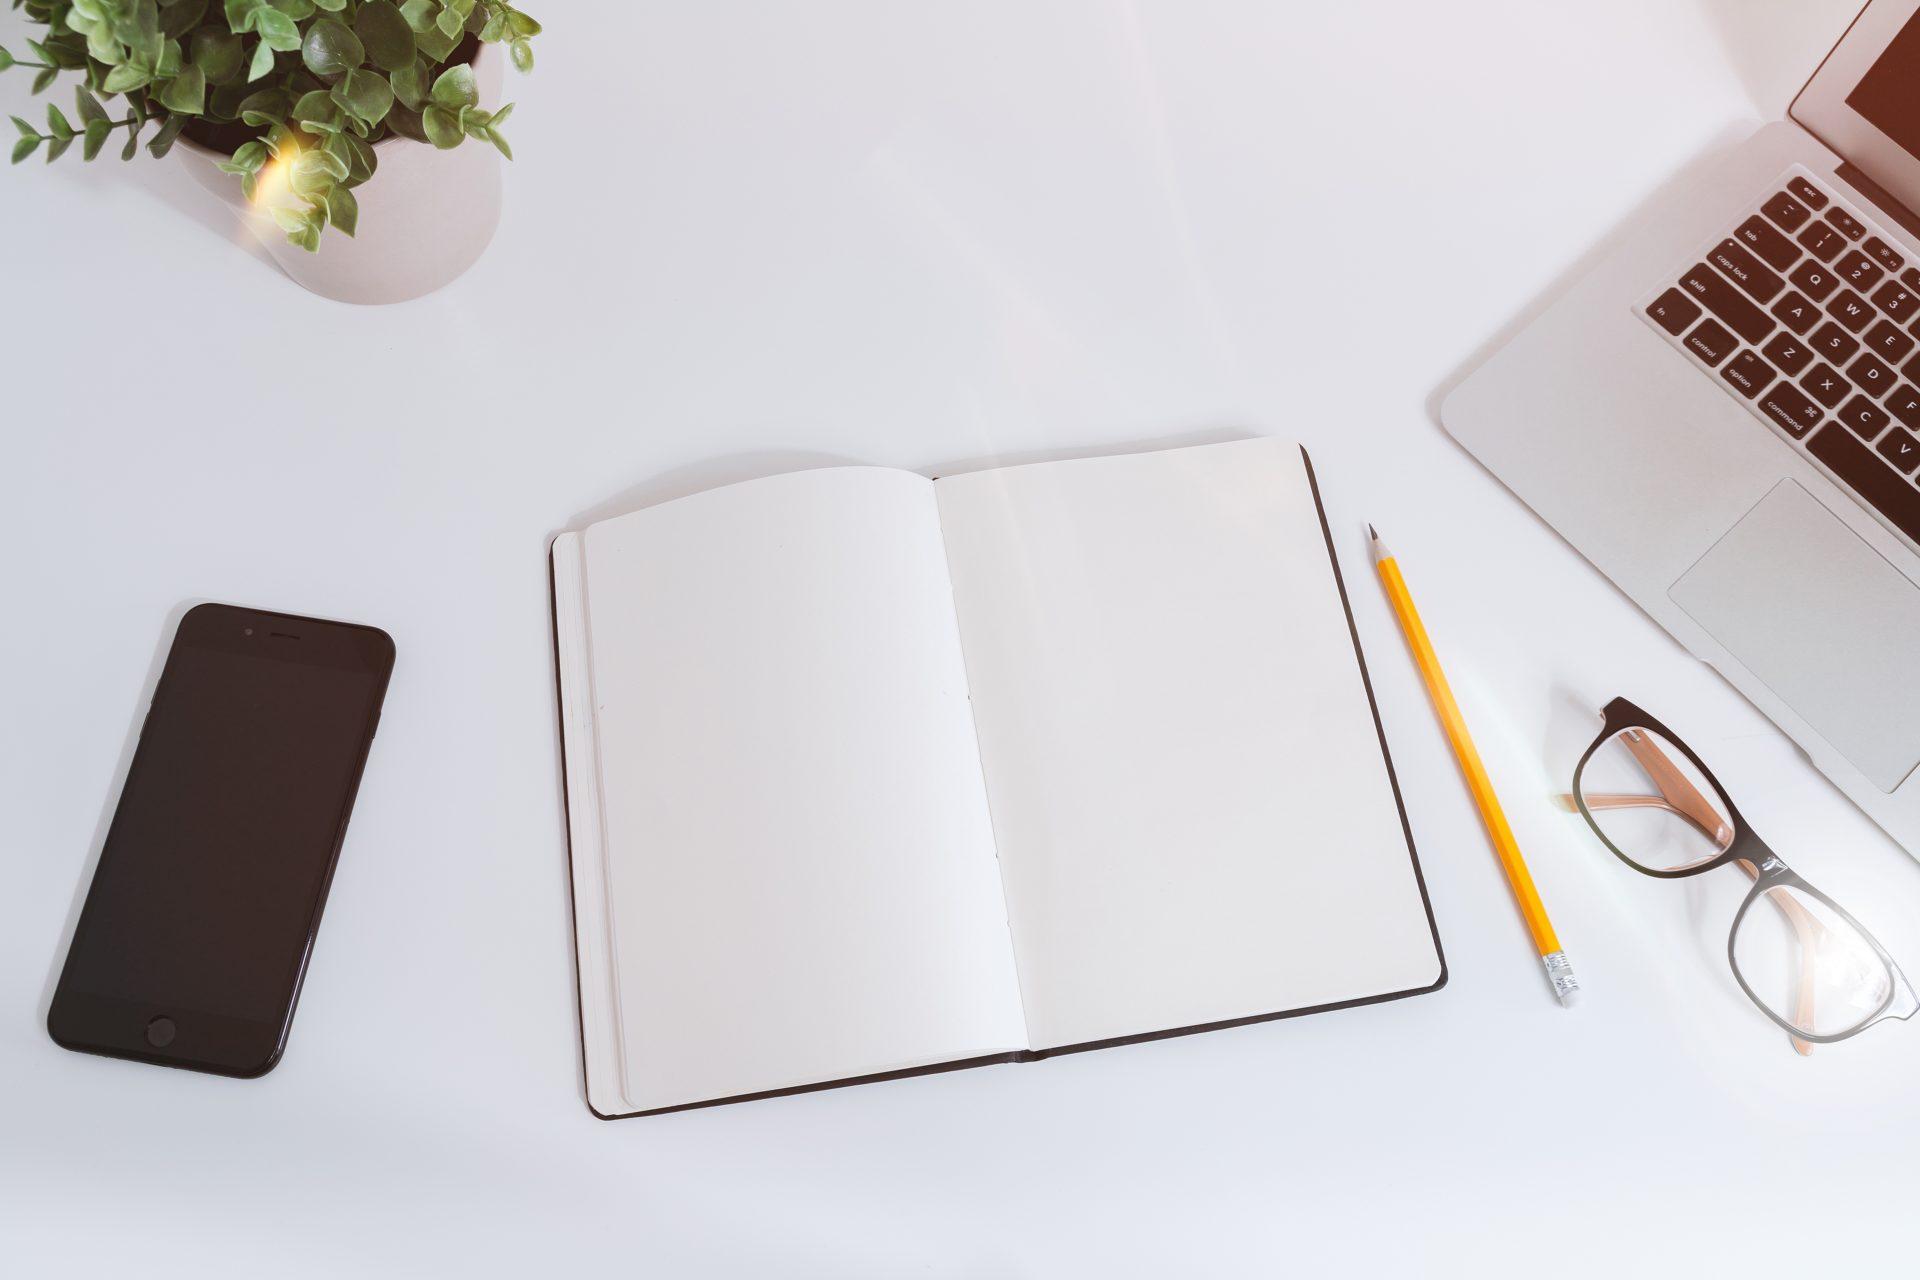 Widok na biurko z góry, na biurku otwarty notes, smartphone, ołówek, okulary, roślina doniczkowa i laptop.